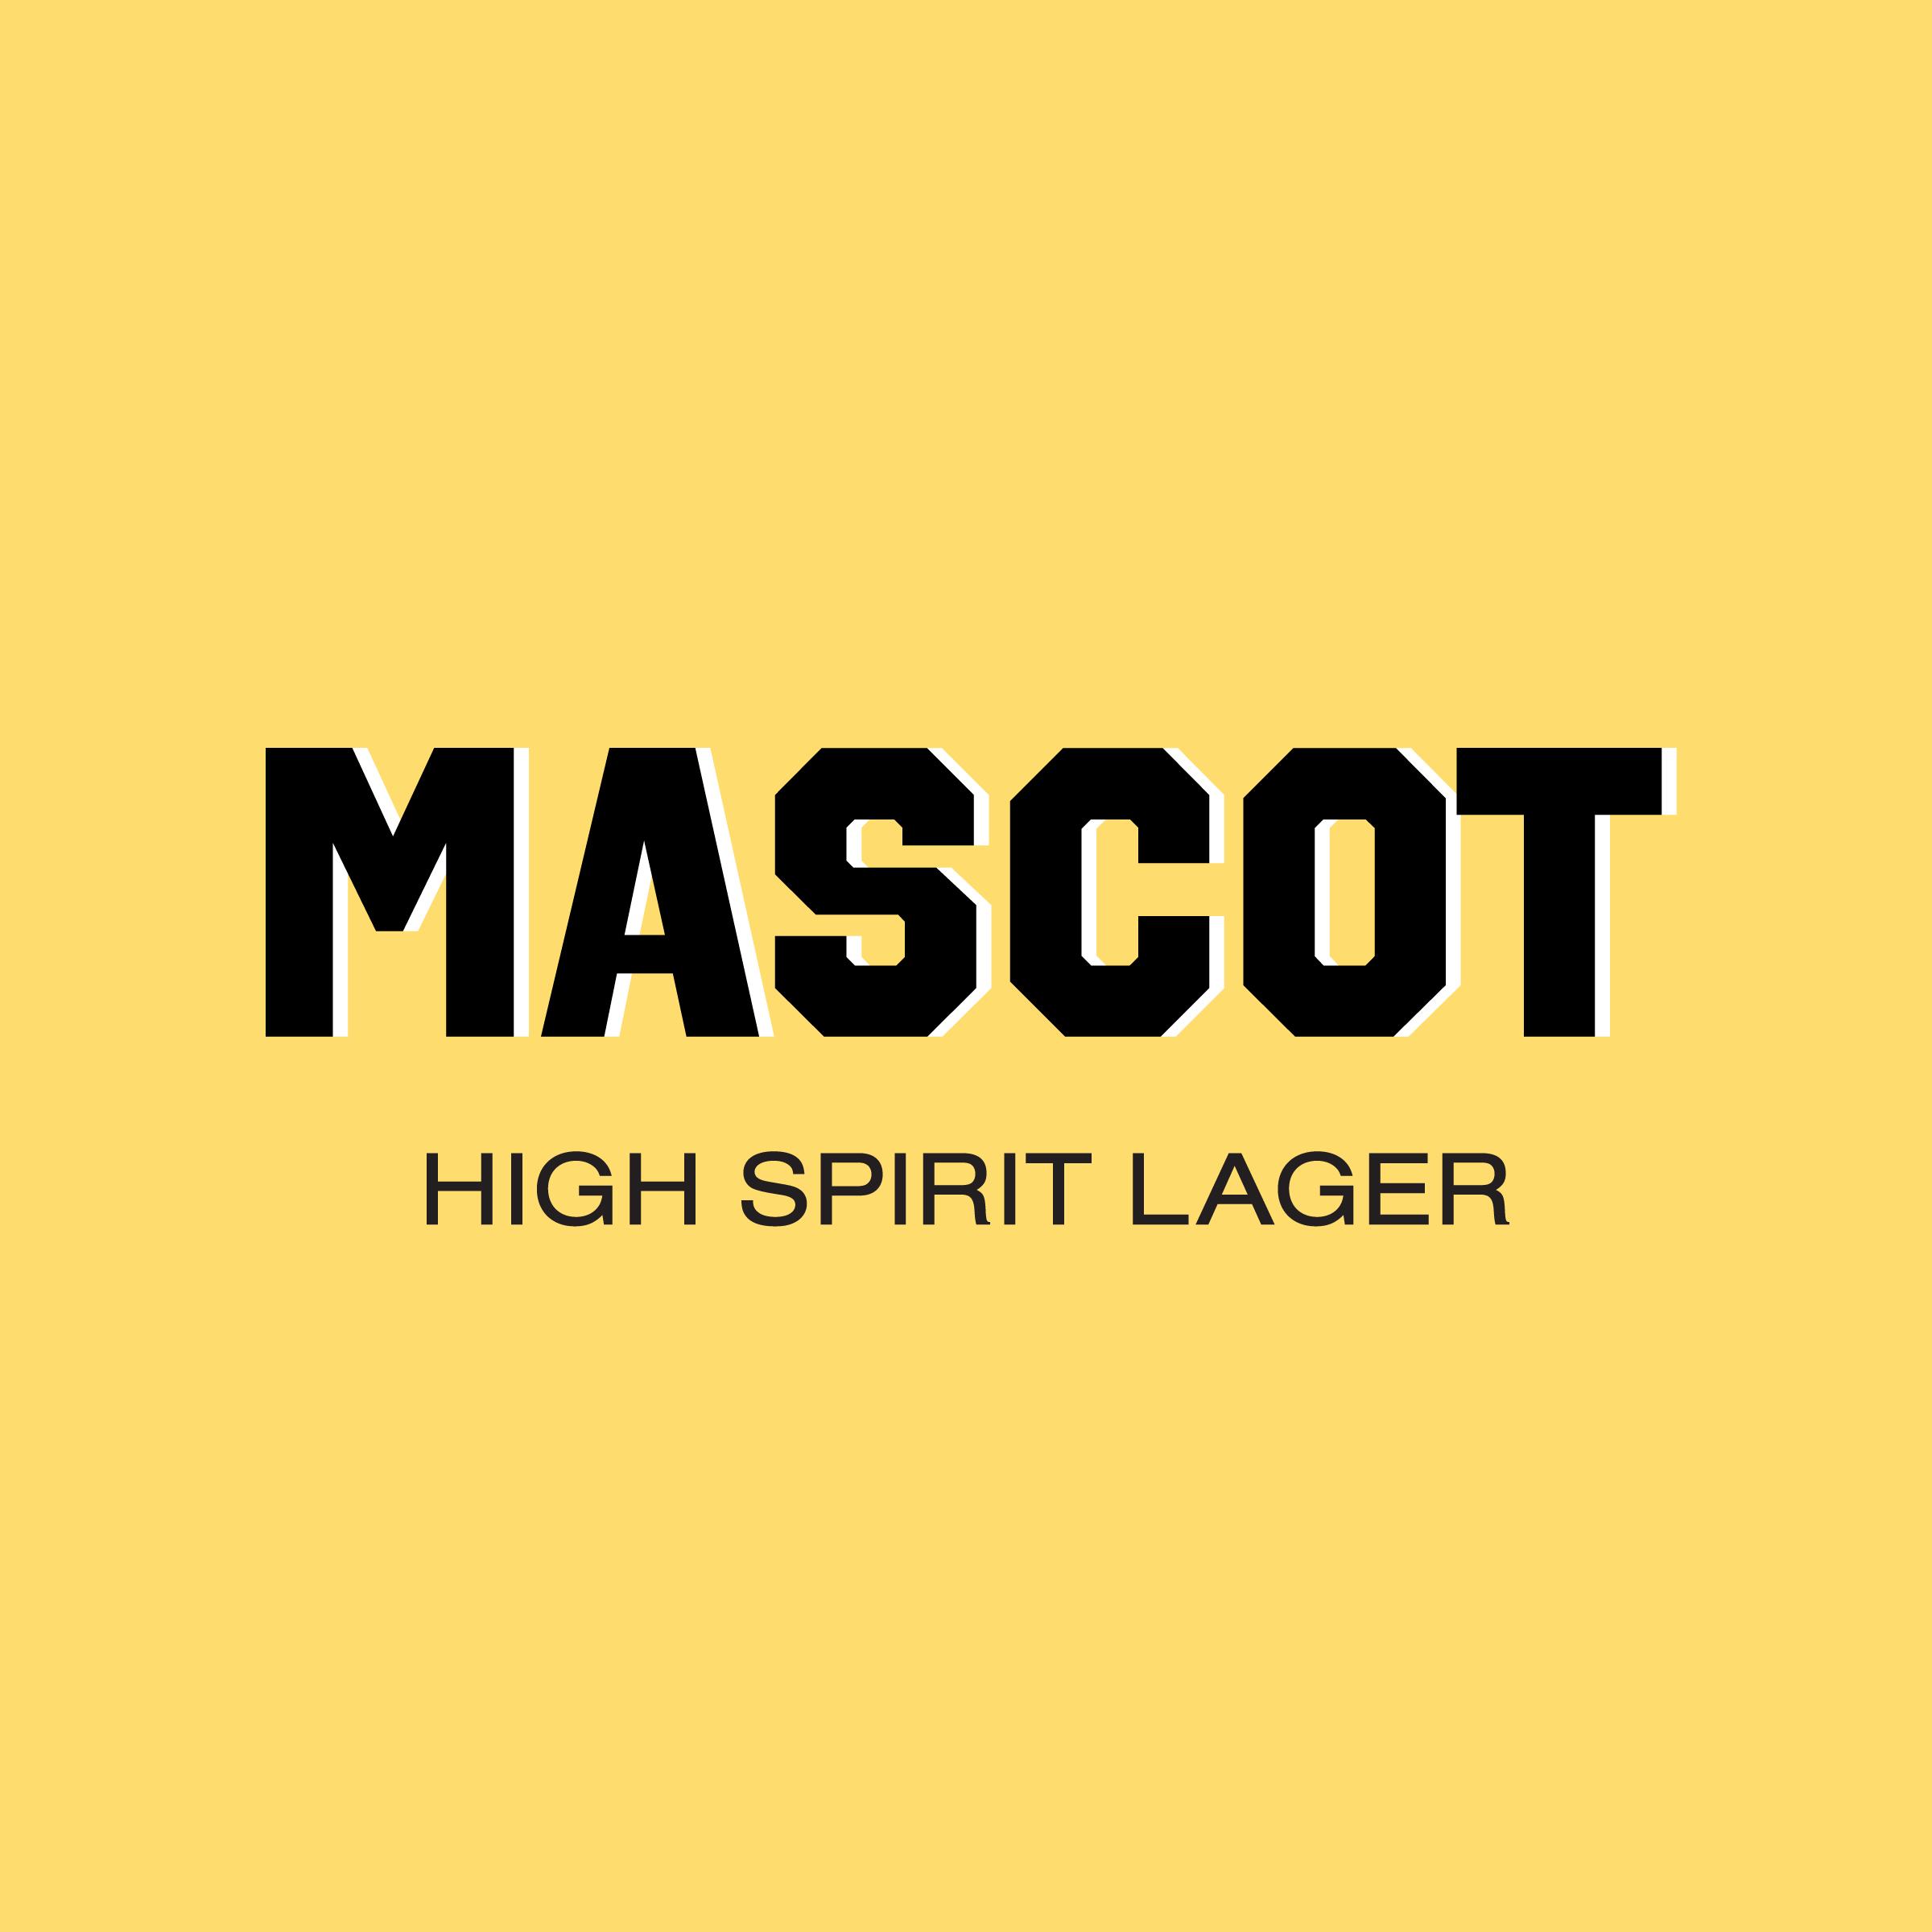 _MASCOT.jpg